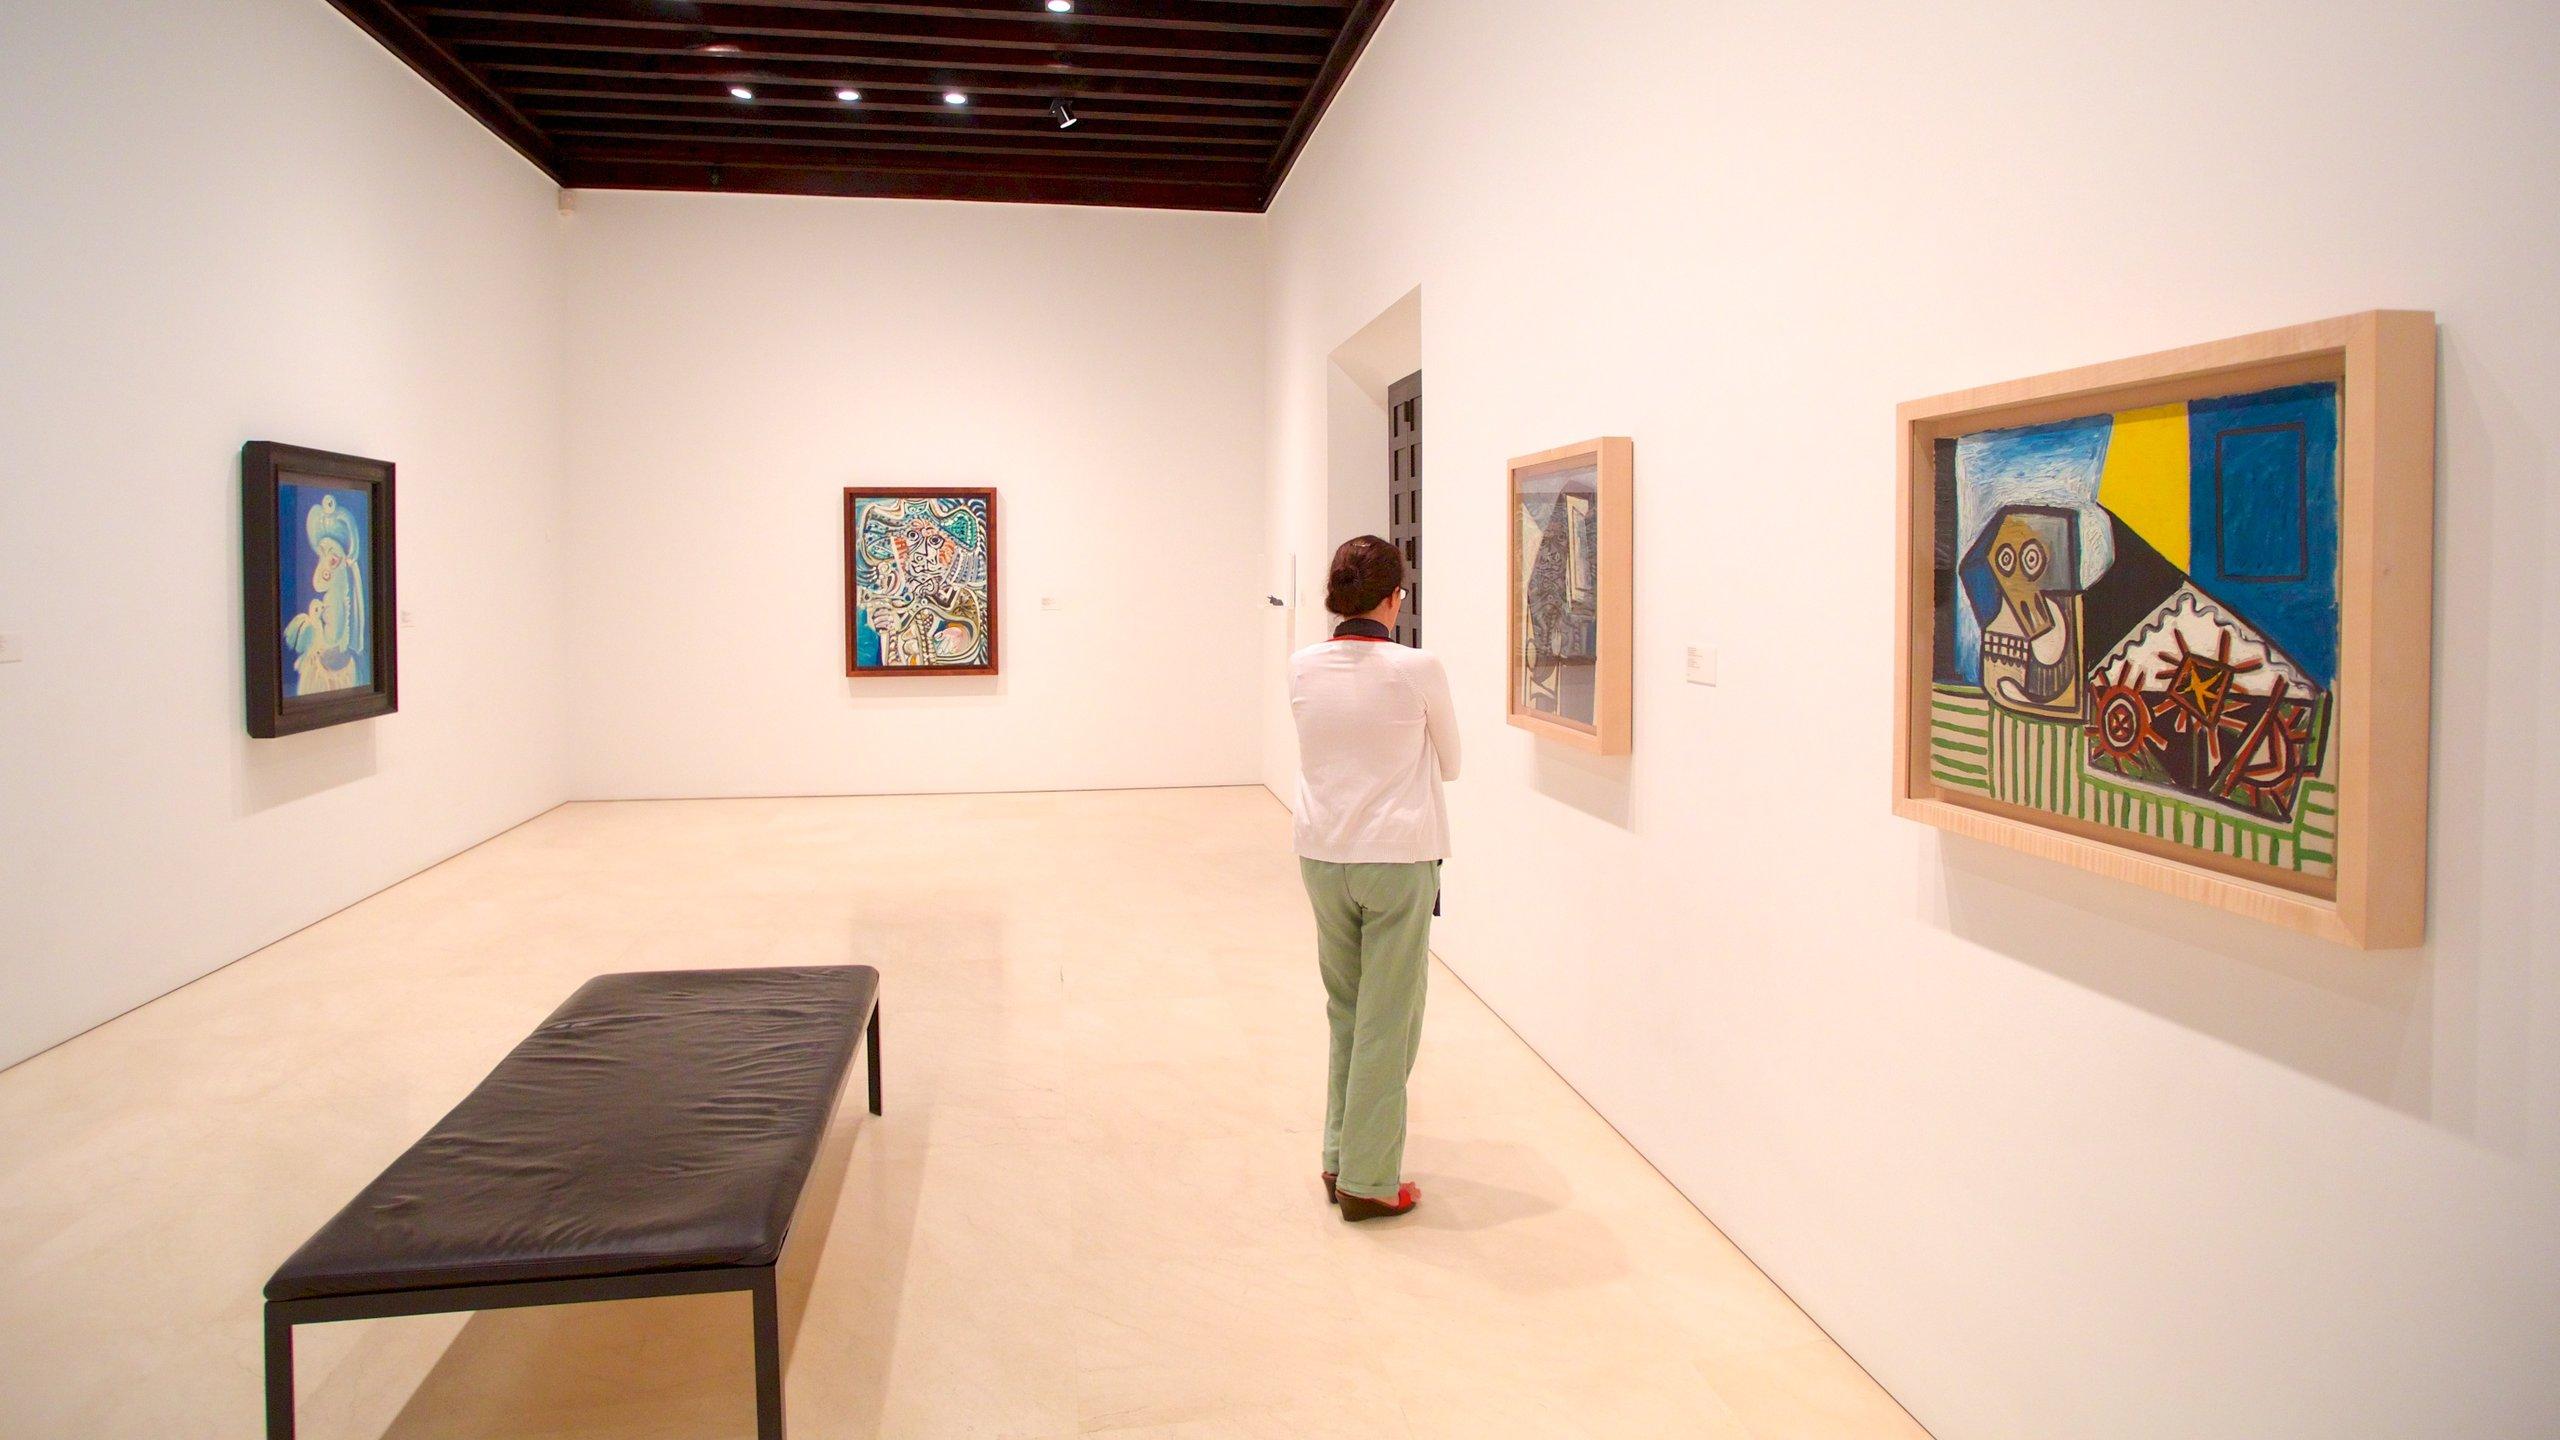 Instalado dentro do Palacio de Buenavista, um palácio do século XVI, este museu relata a vida e as obras do artista mais famoso de Málaga.